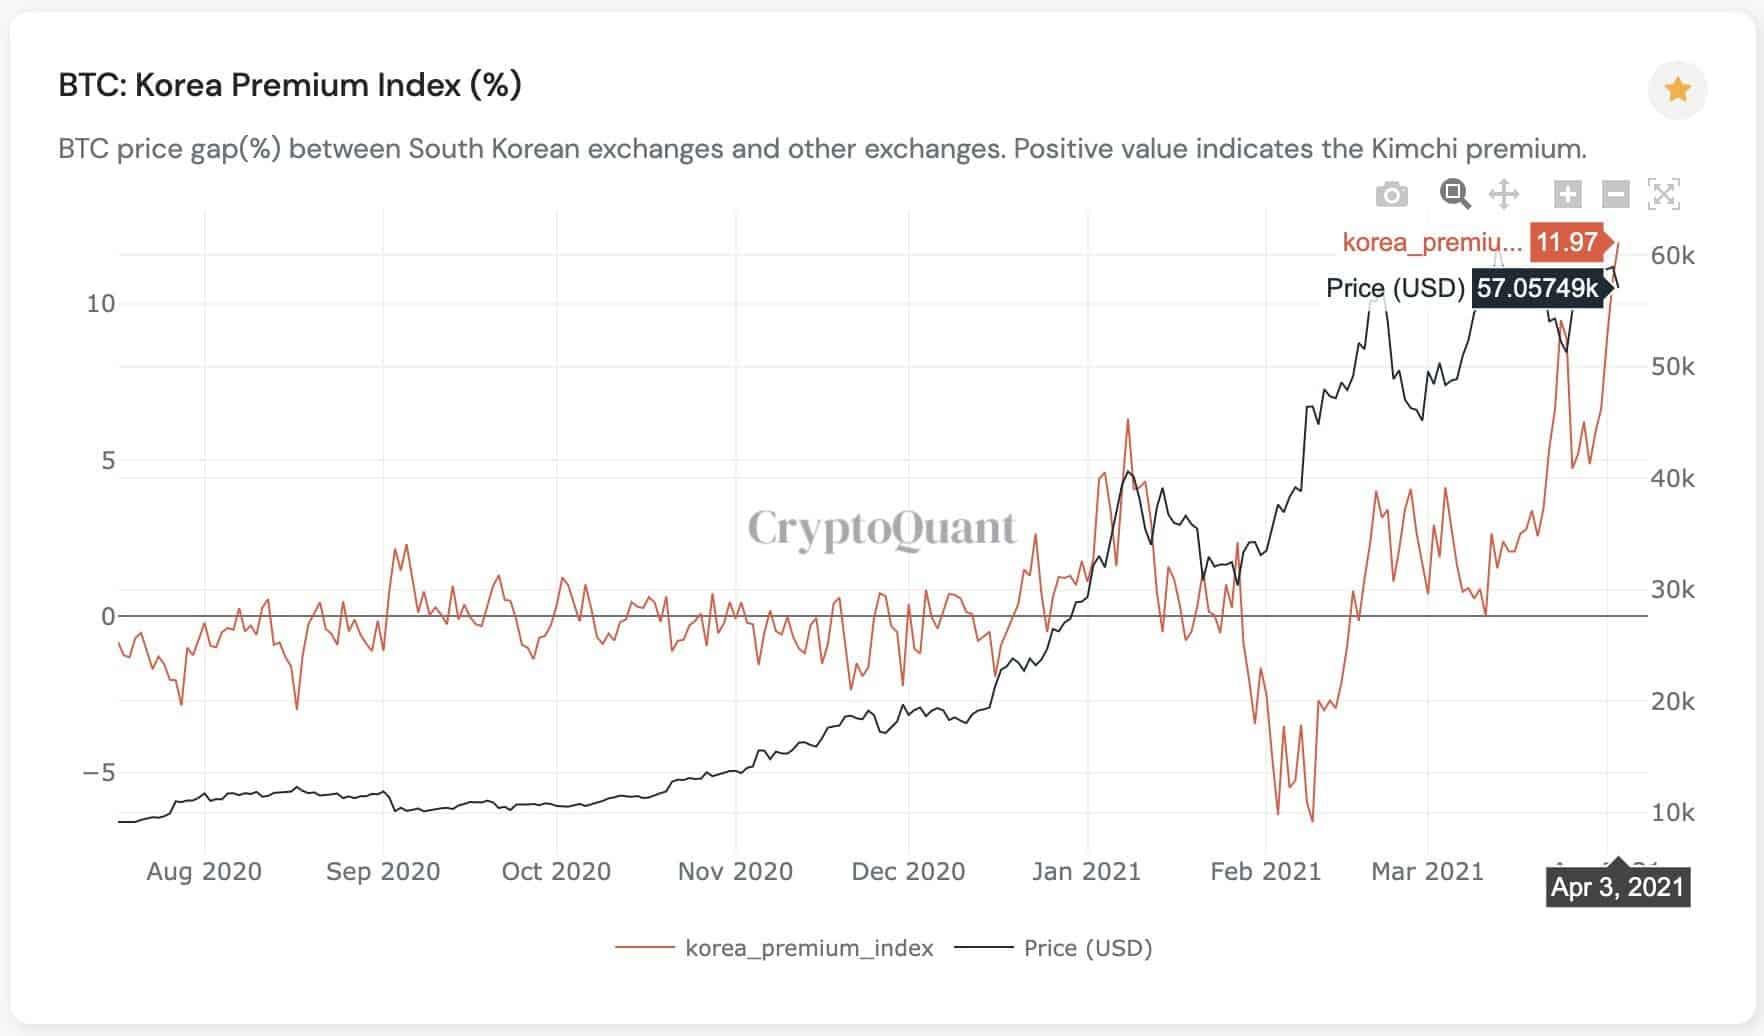 Bitcoin Korea Premium Index. Source: CryptoQuant